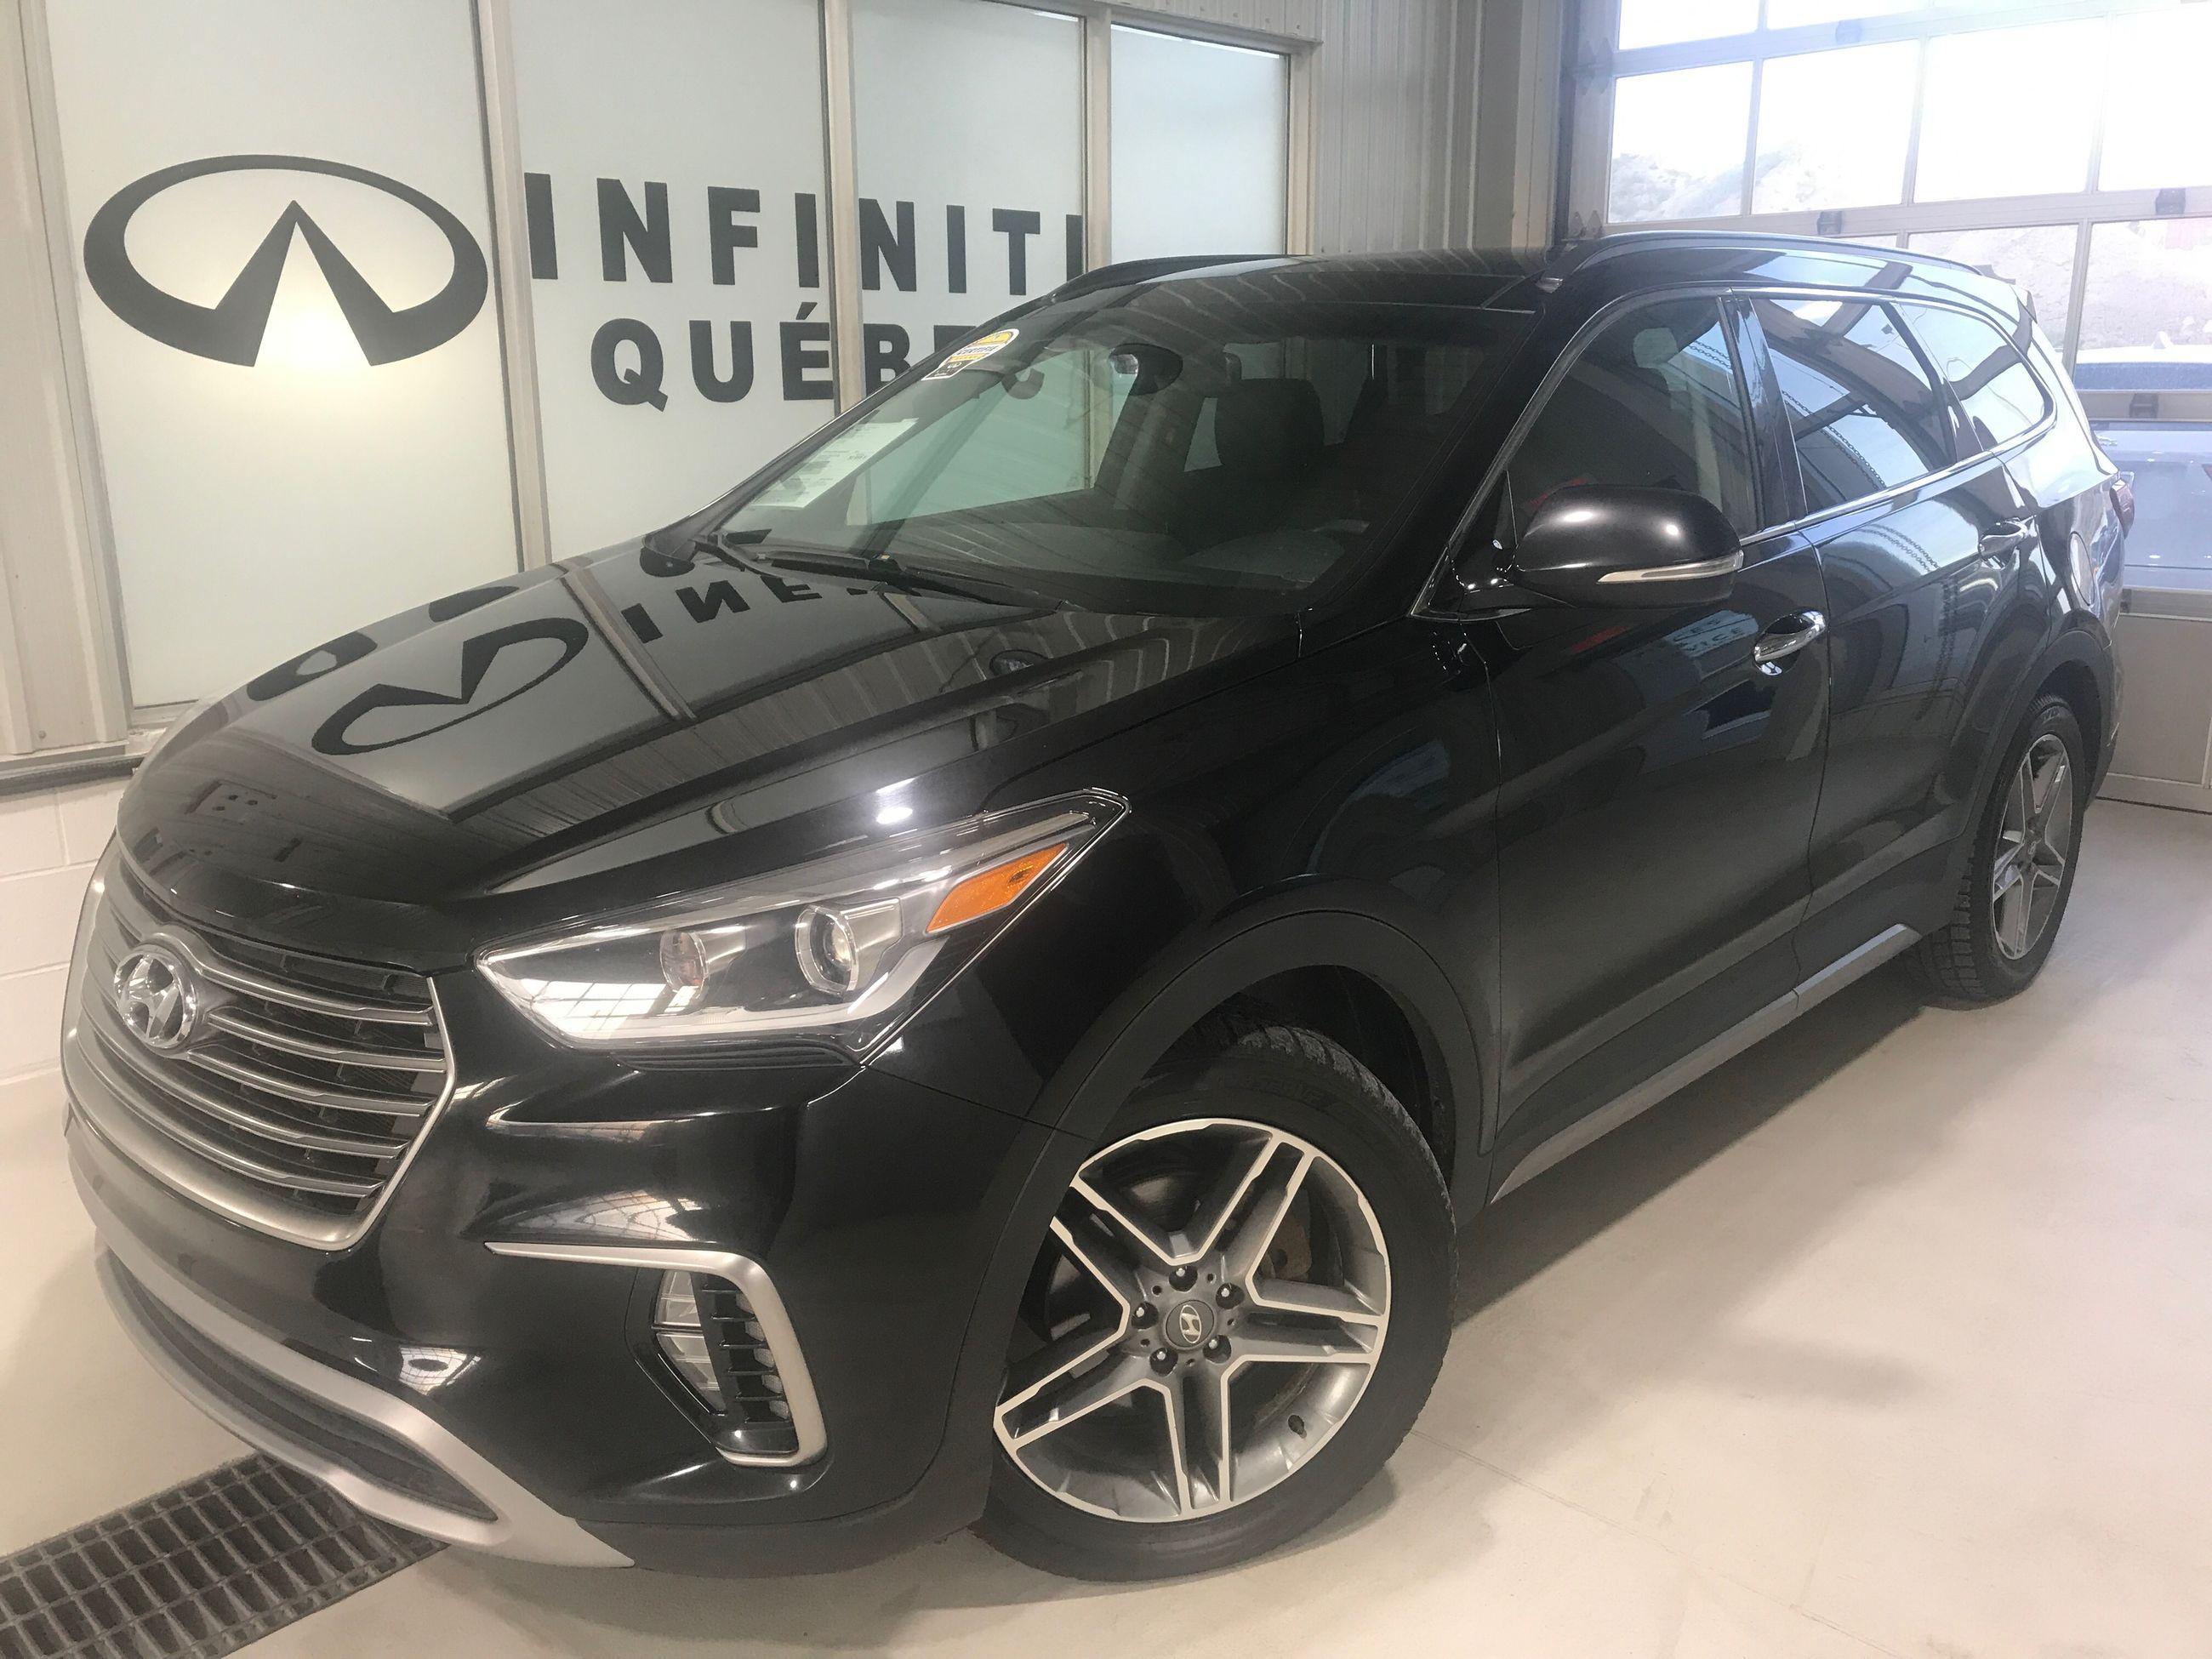 Used 2017 Hyundai Santa Fe Xl Limited Awd In Quebec Used Inventory Infiniti Quebec In Quebec Quebec